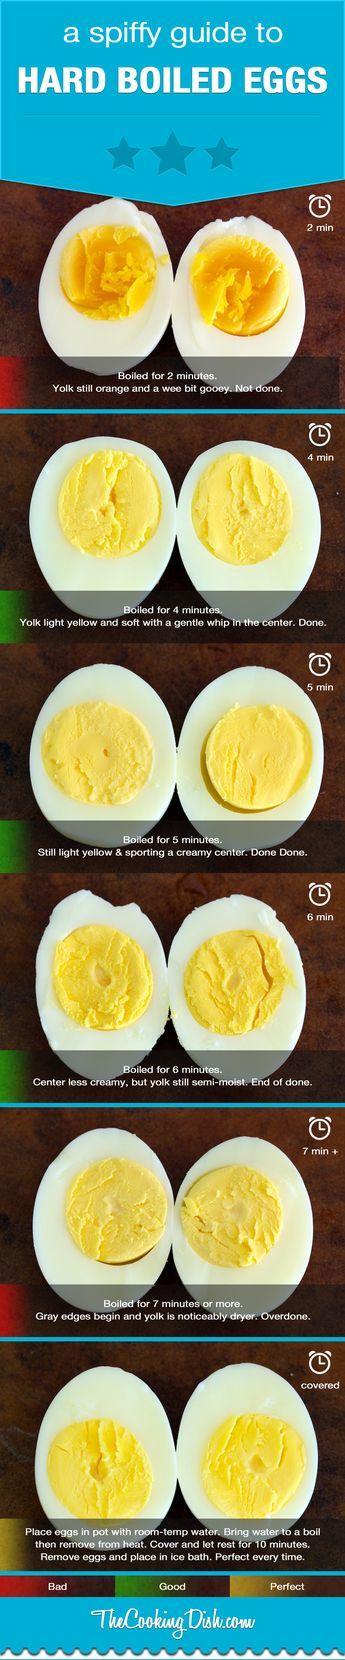 Best 25 Hard boil an egg ideas on Pinterest  An egg Bake boiled